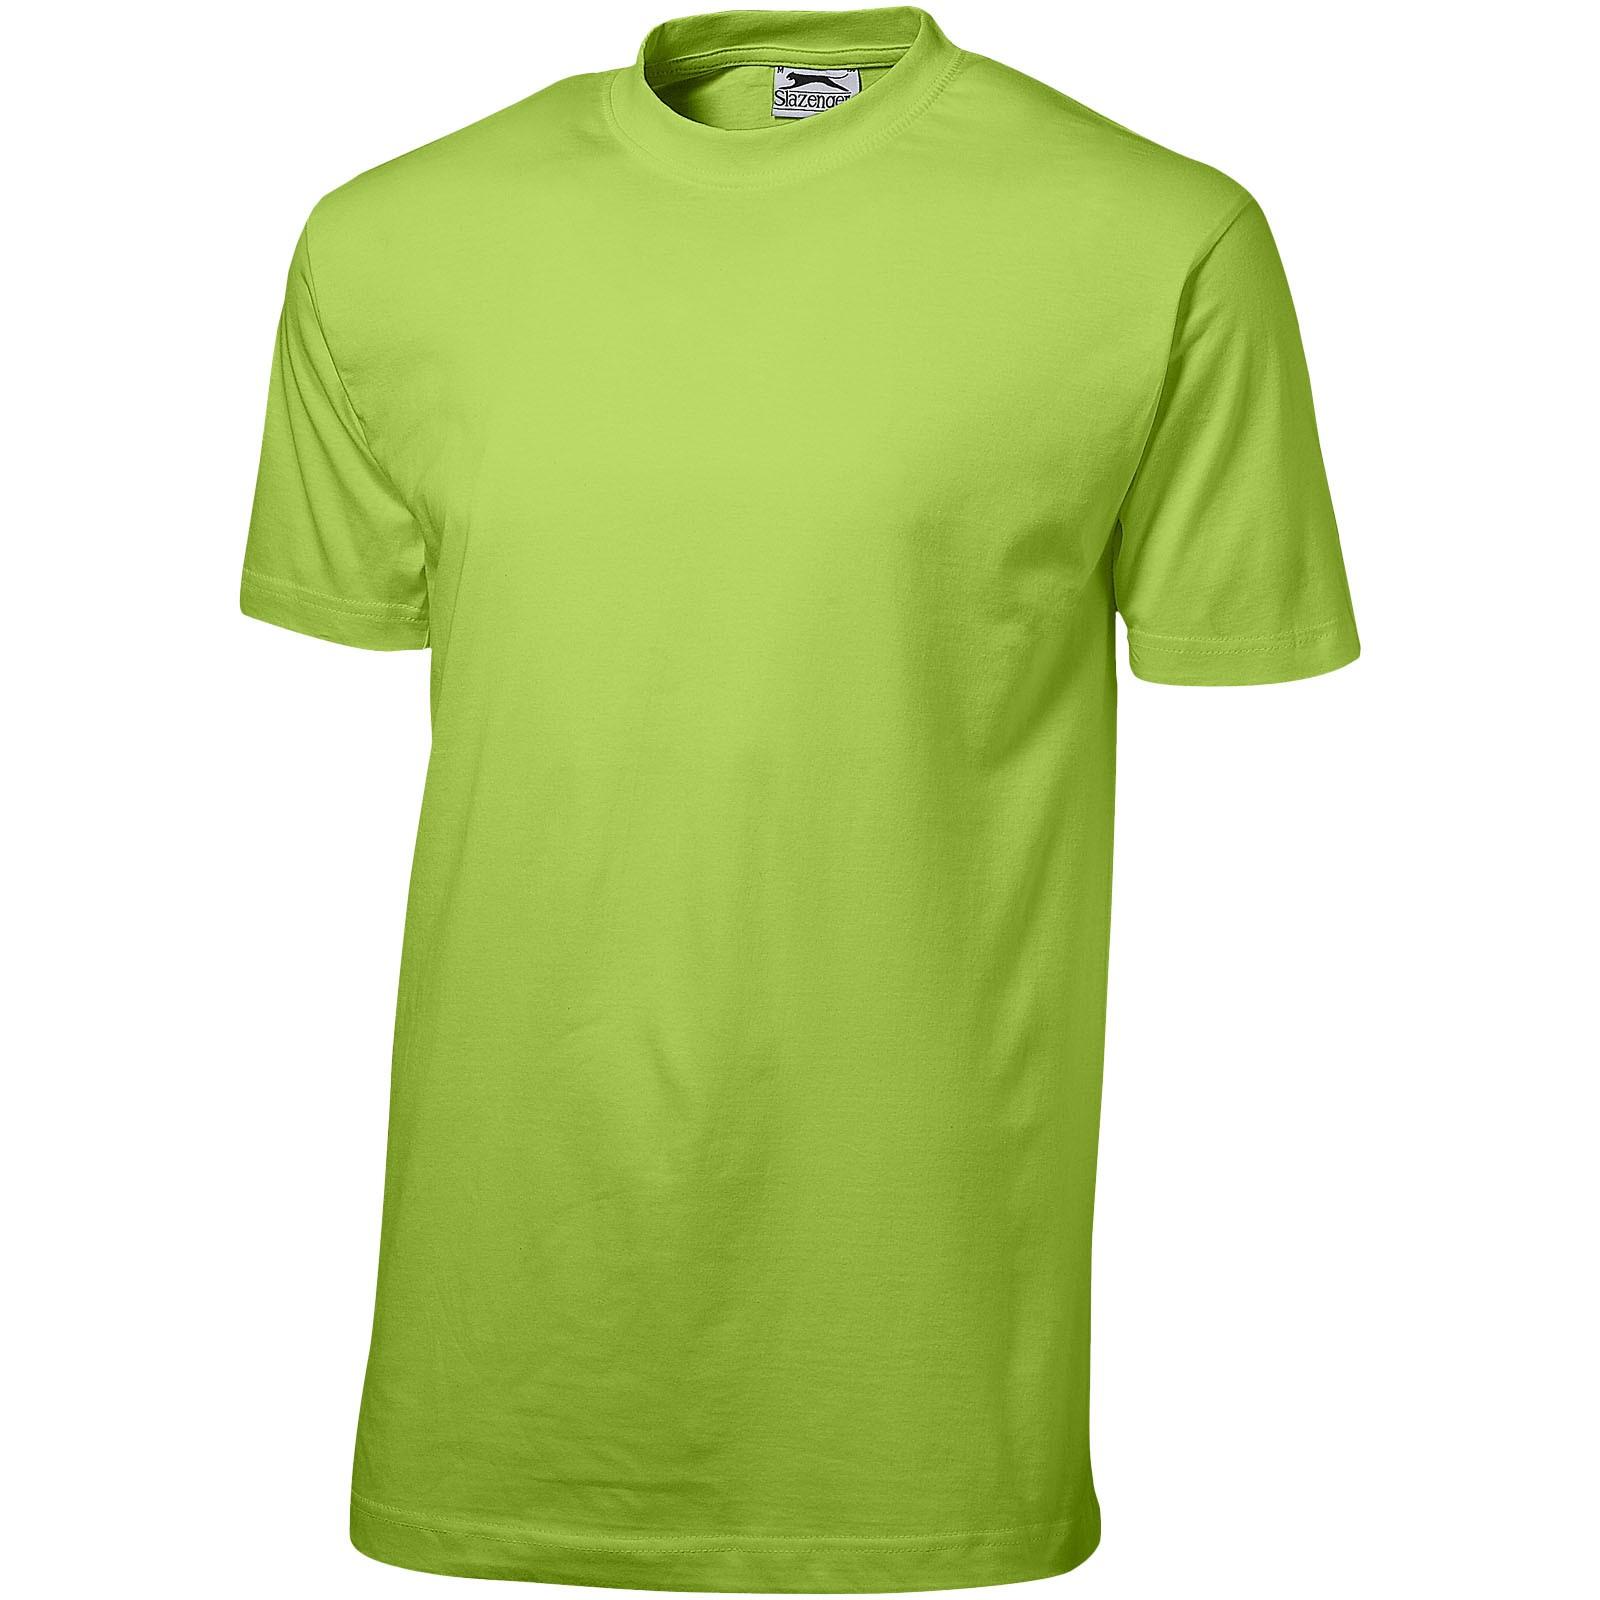 Pánské triko Ace s krátkým rukávem - Zelené jablko / 3XL